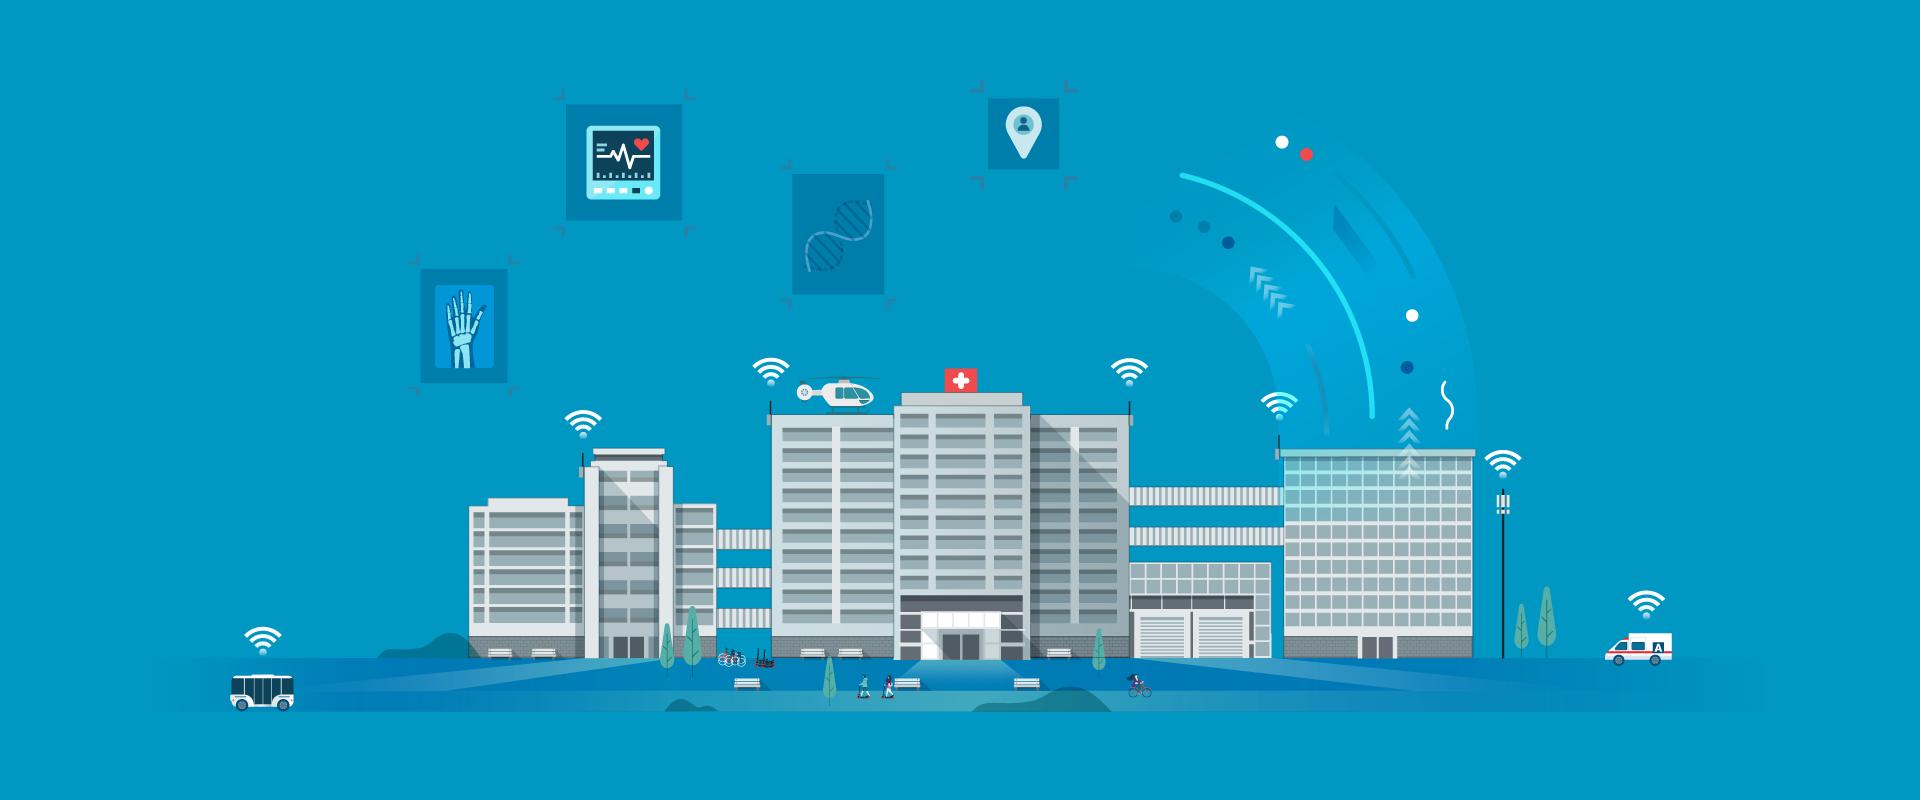 5G maakt nieuwe modellen mogelijk in de gezondheidszorg